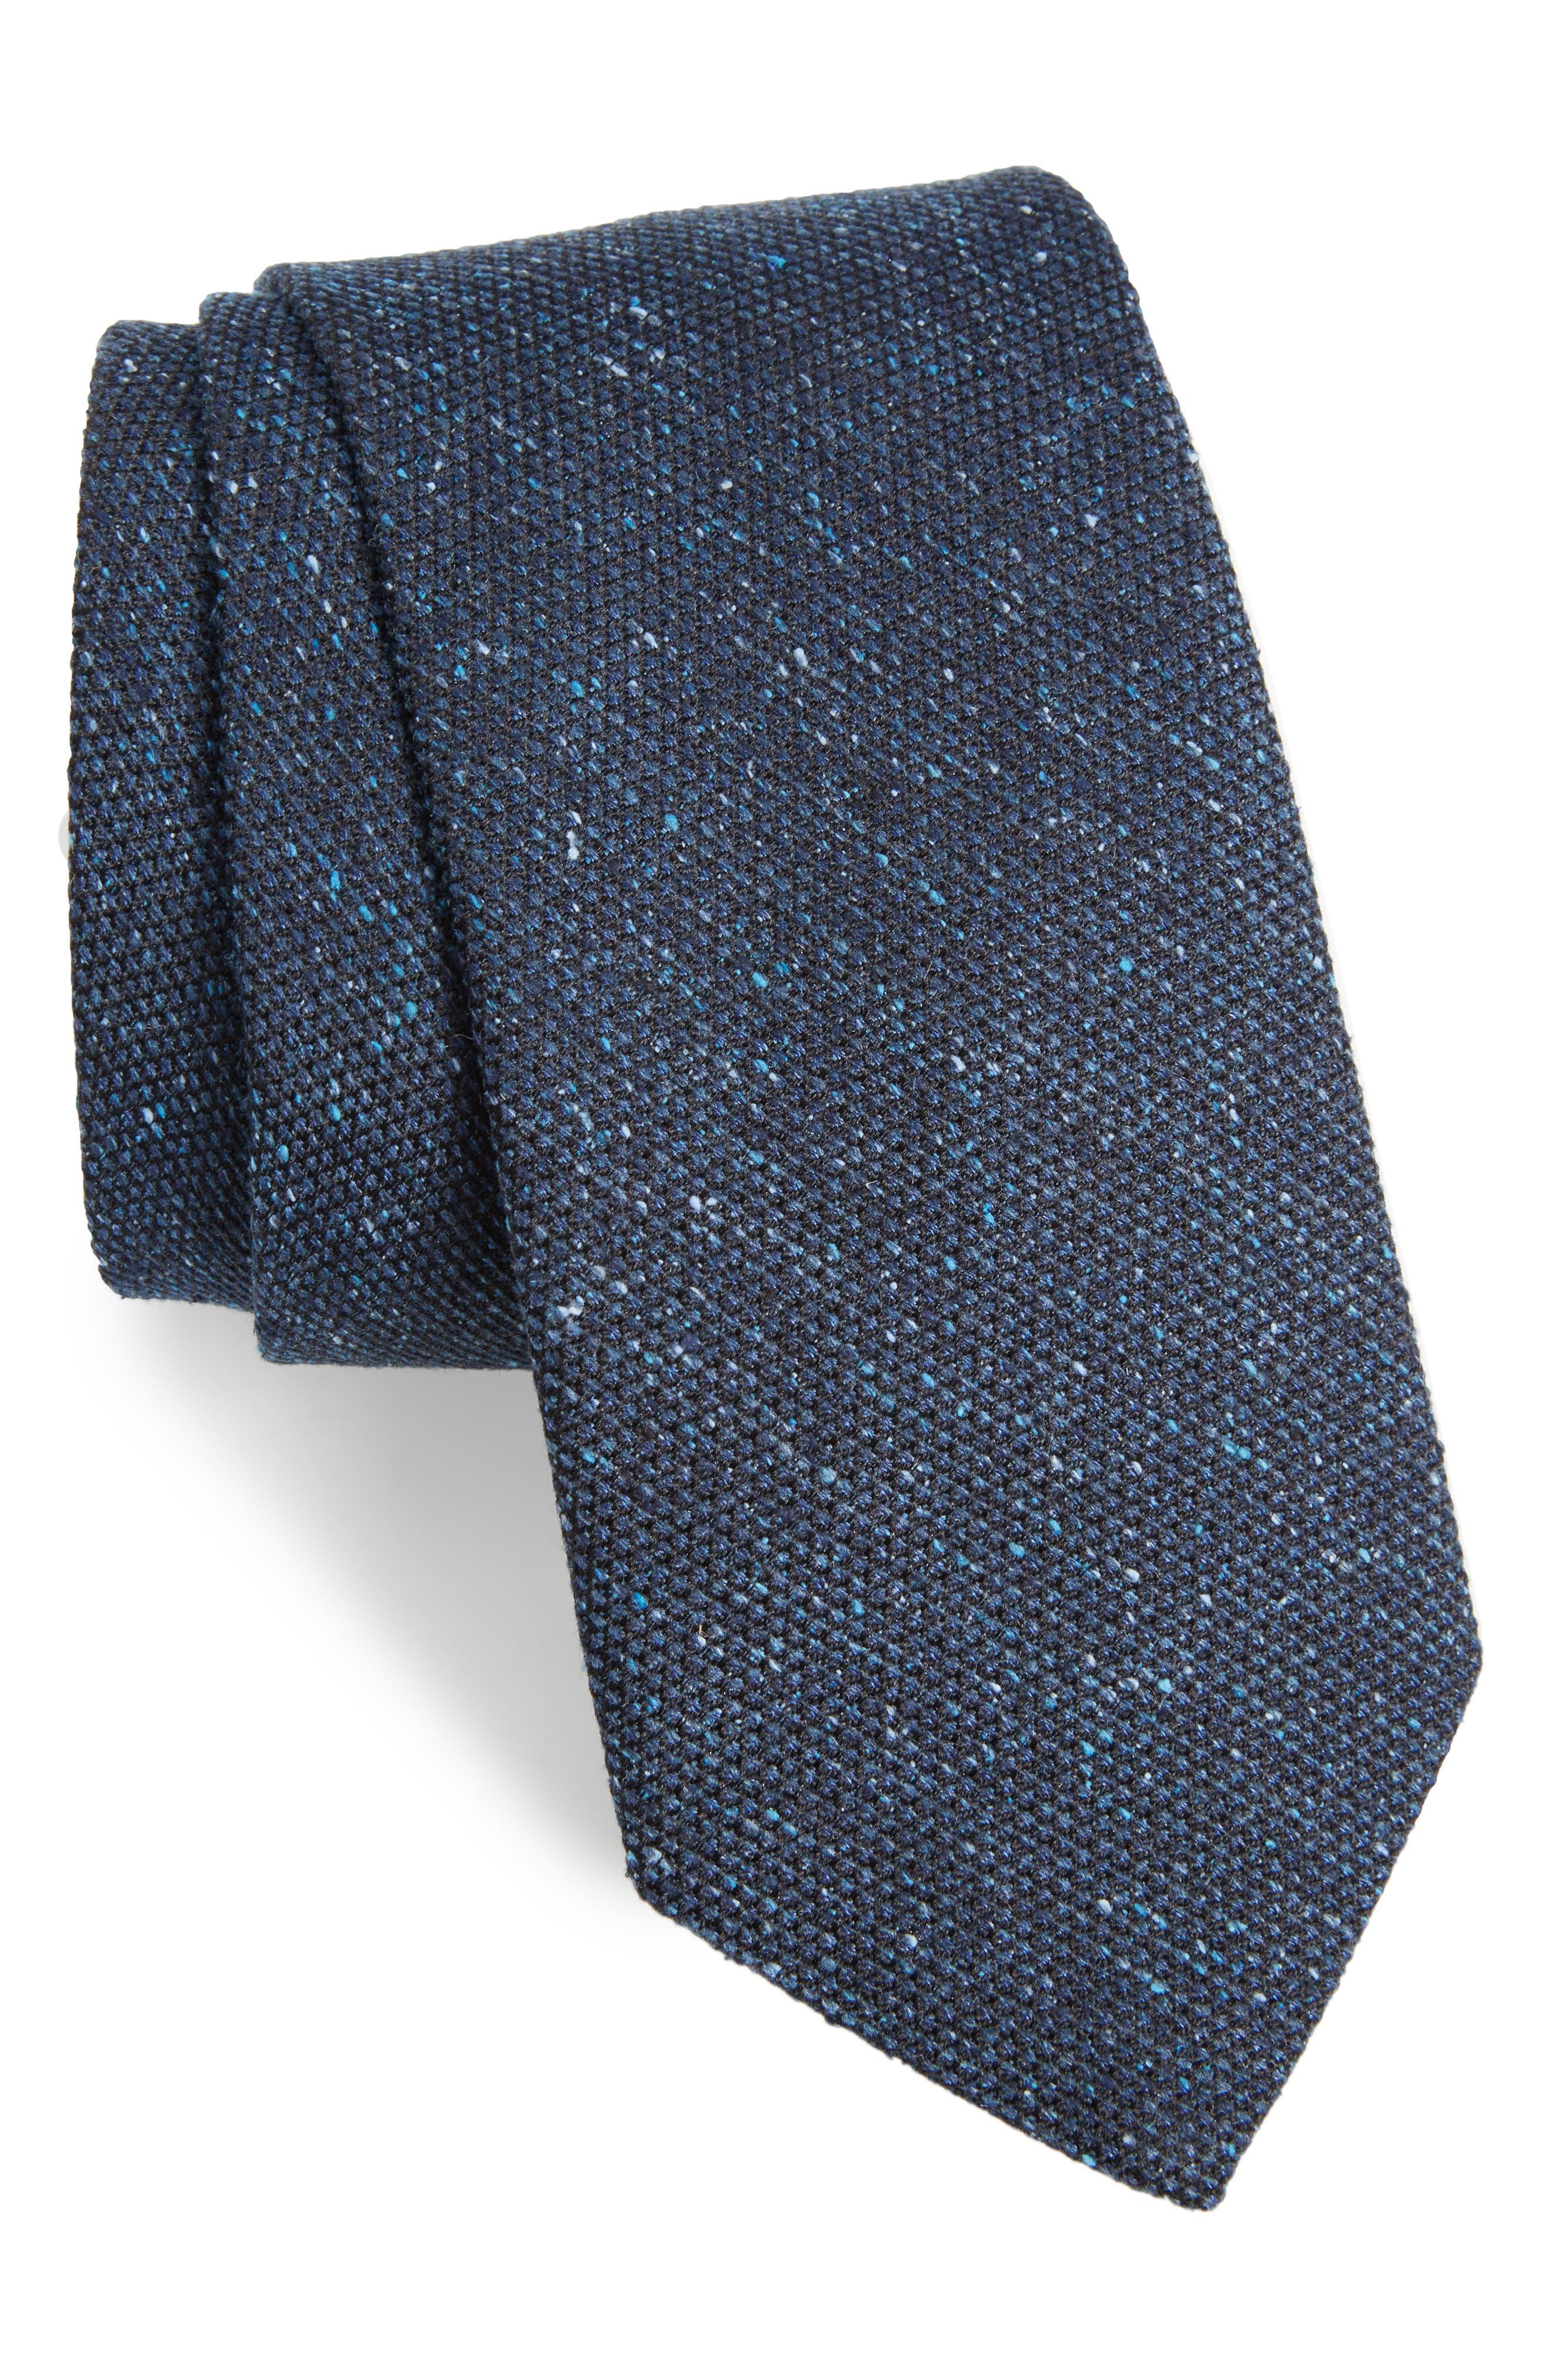 Solid Silk Tweed Tie,                             Main thumbnail 1, color,                             Tweed Blue